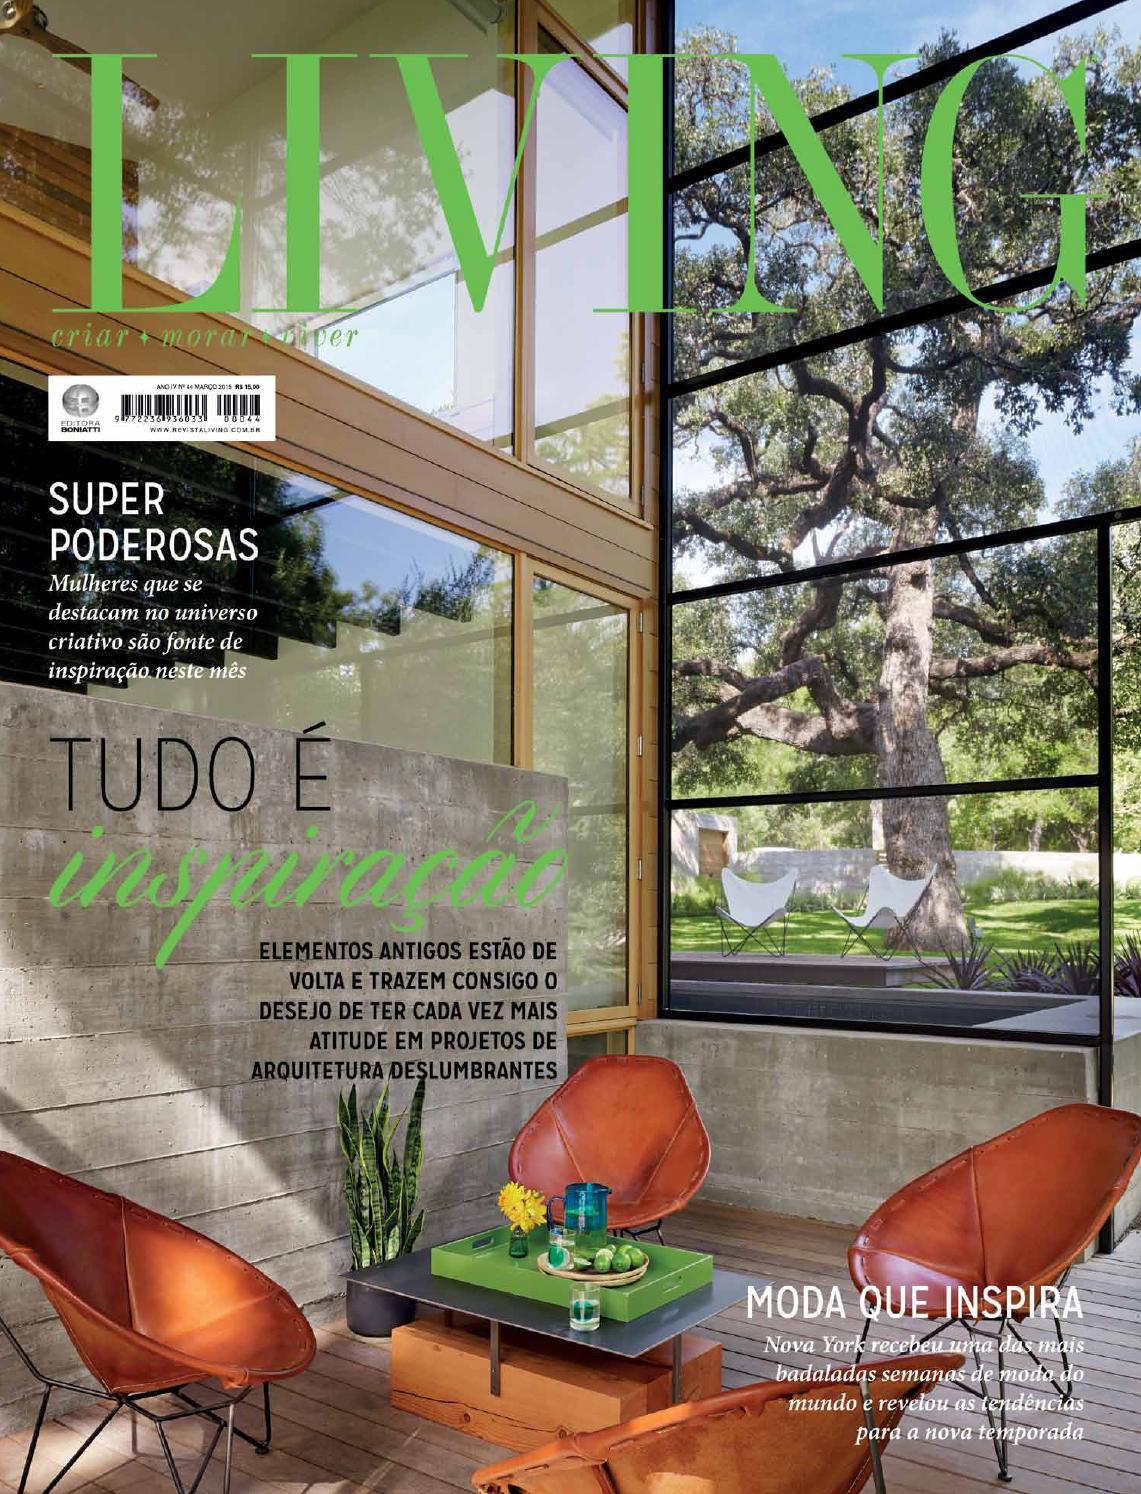 Revista Living - Edição nº44 - Março de 2015 by Revista Living - issuu 07bd828ef6